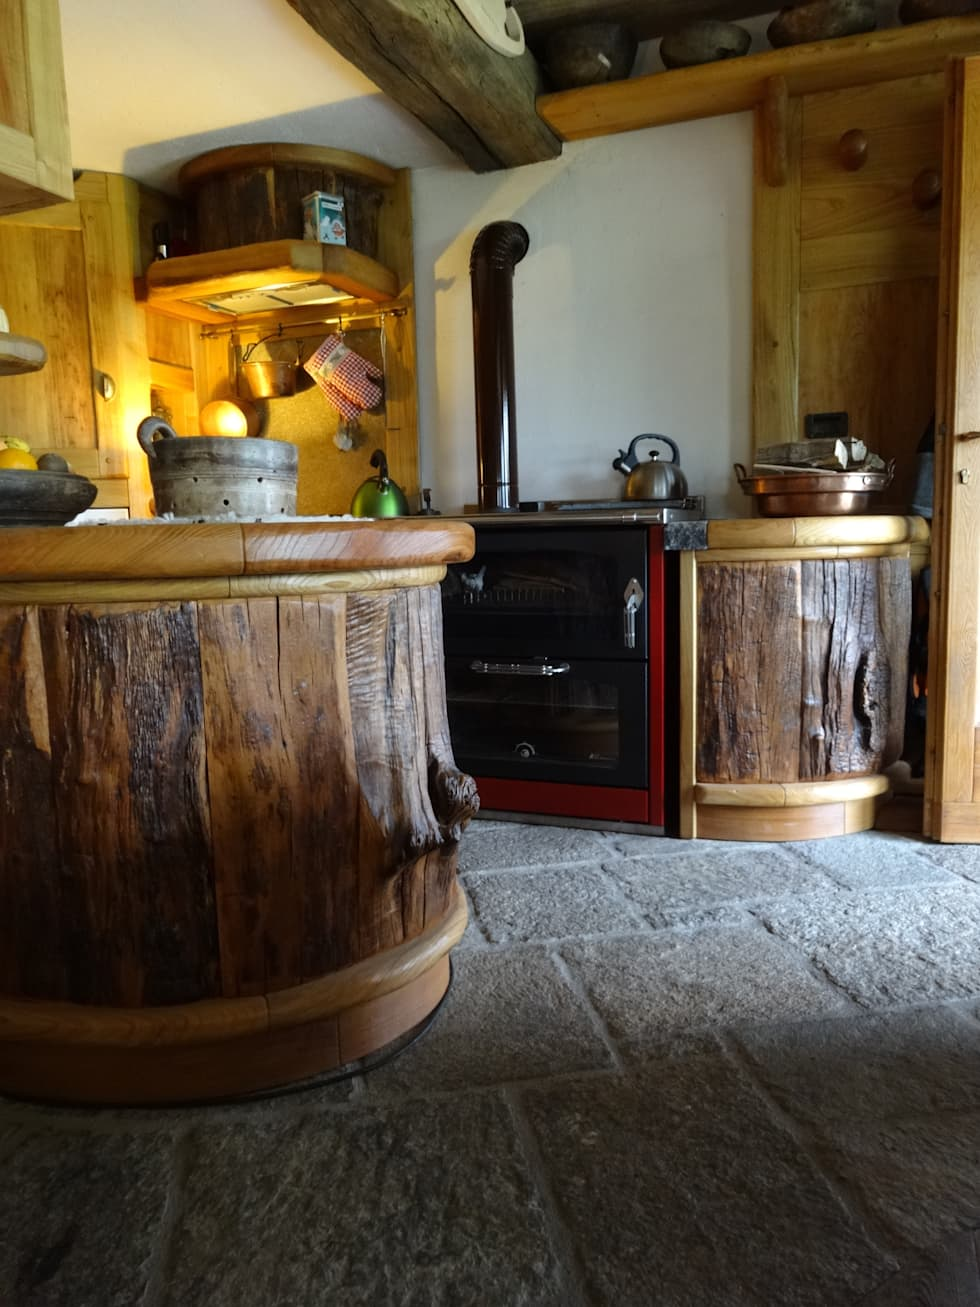 Cucine Per Case Di Montagna. Top With Cucine Per Case Di Montagna ...